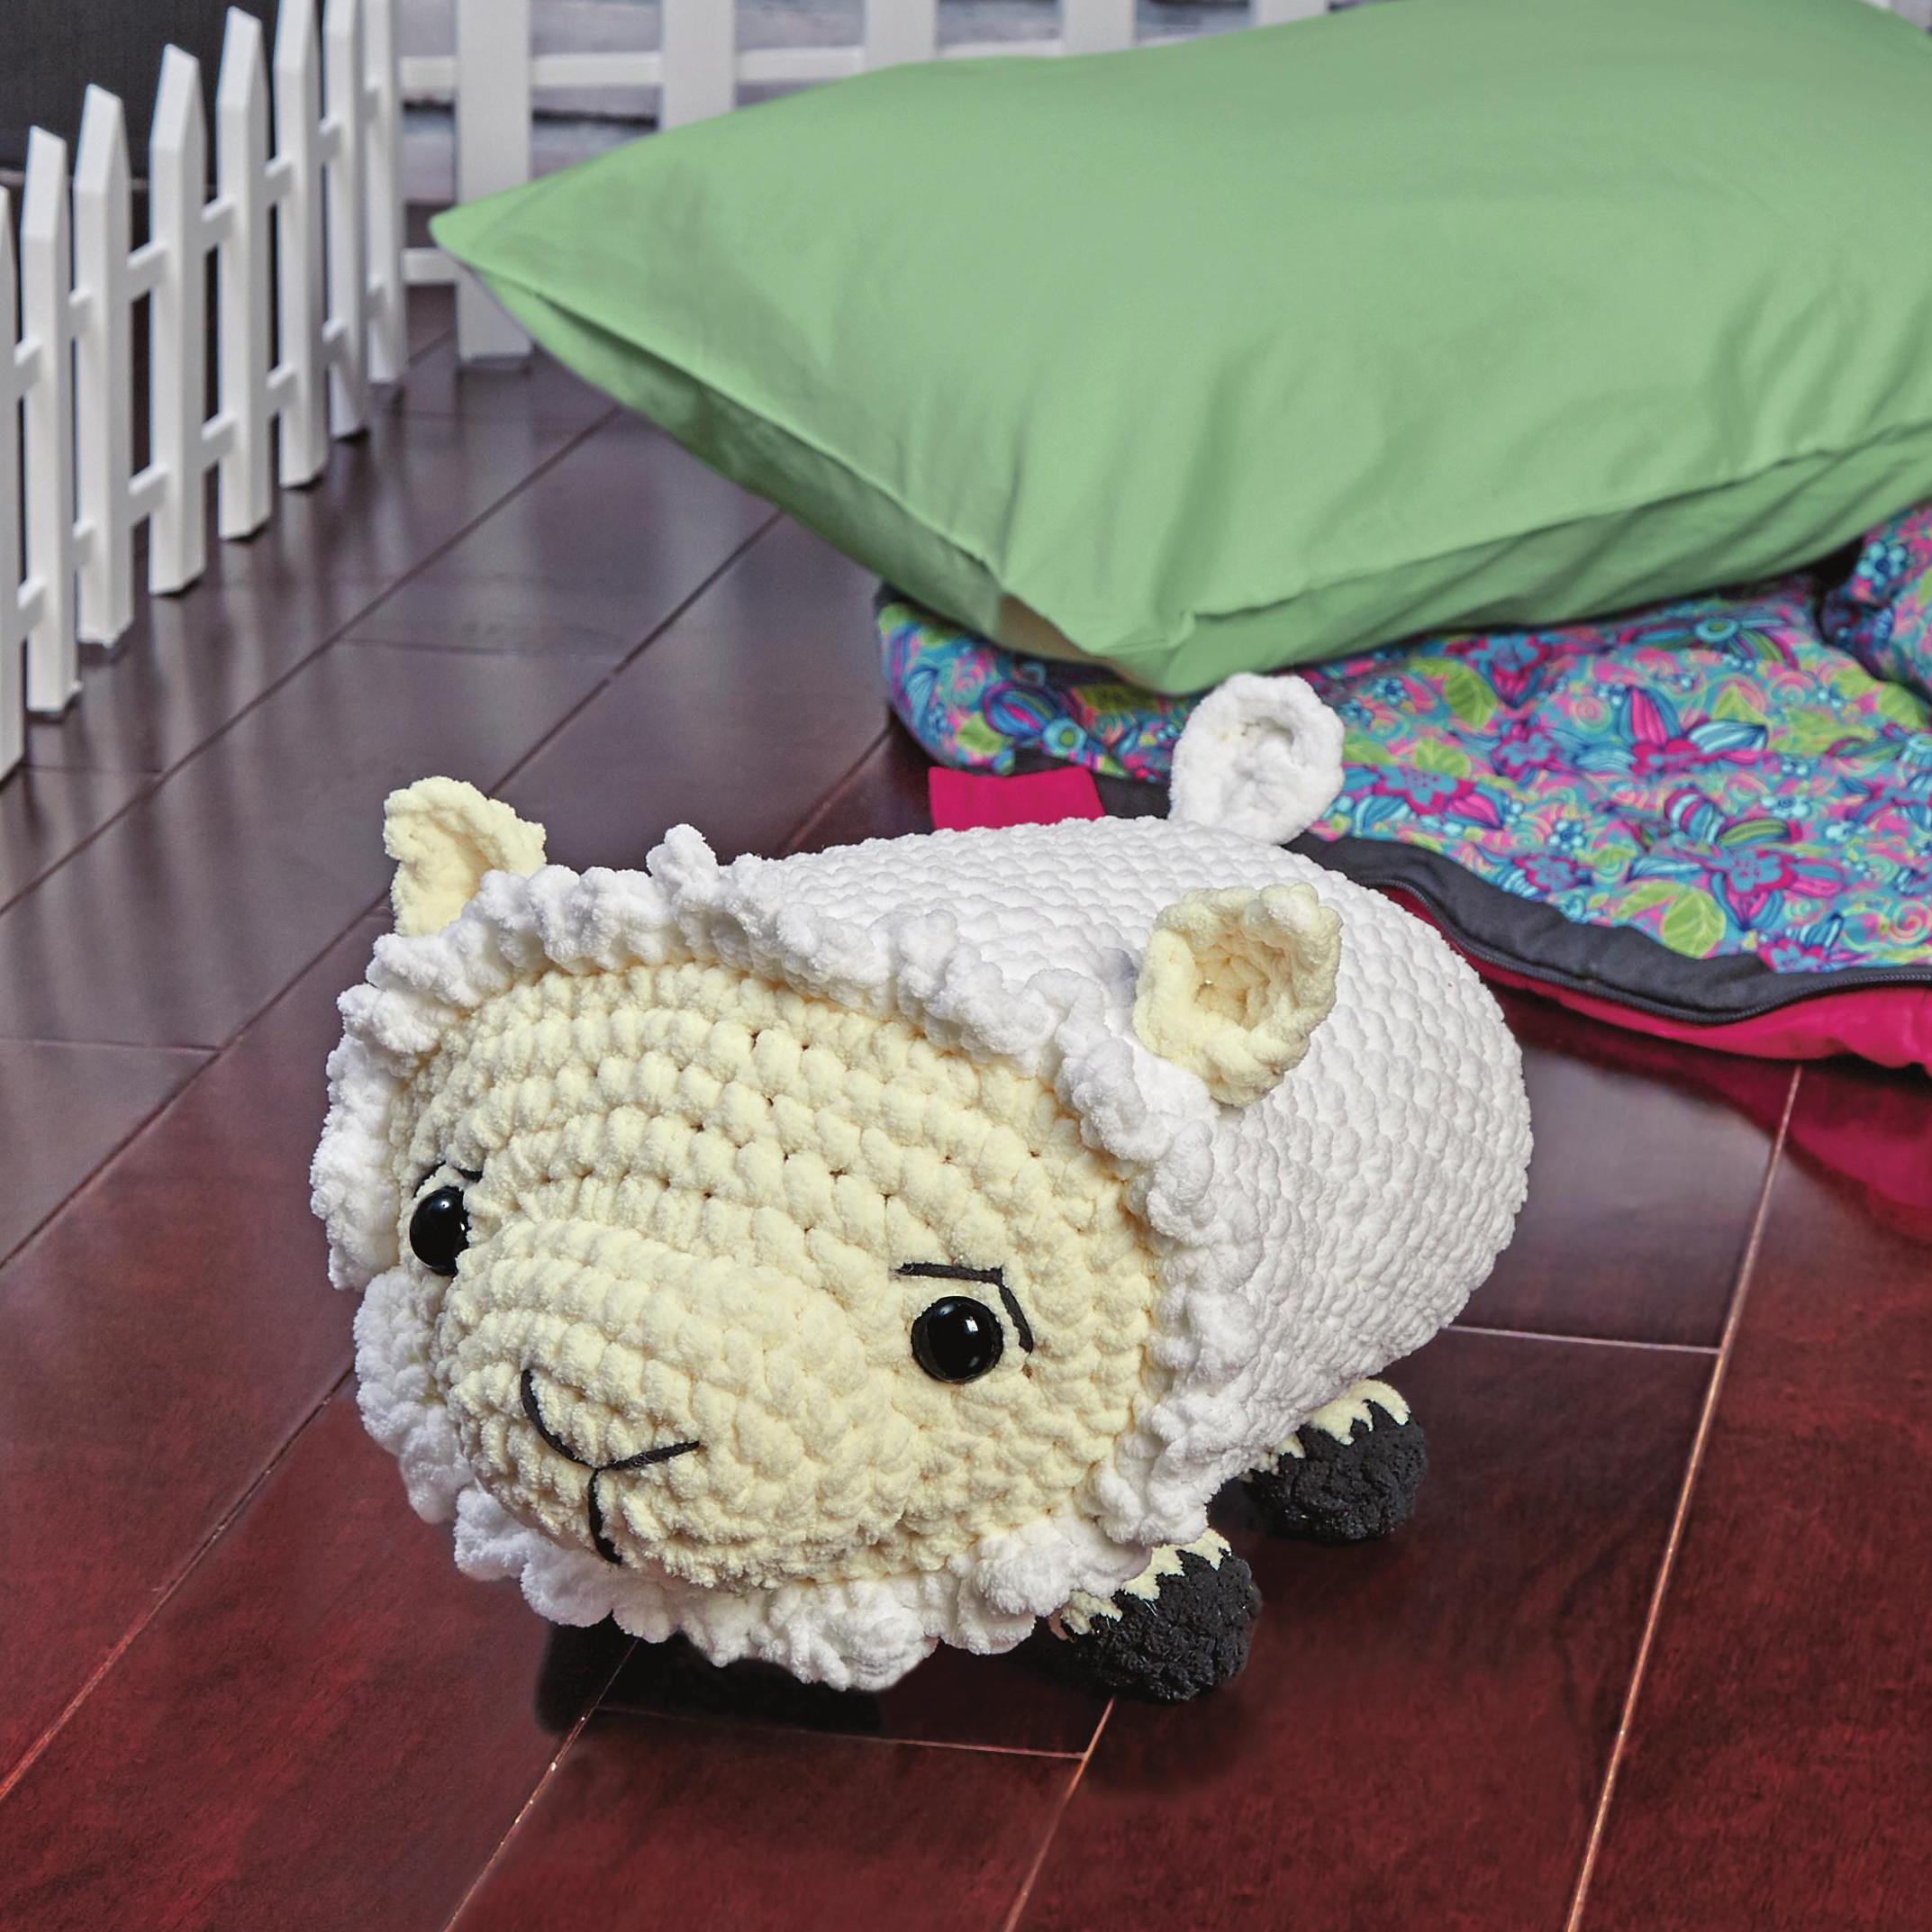 Elephant Ragdoll Amigurumi Free Crochet Pattern – Crochetfuldiy.com | 2145x2145